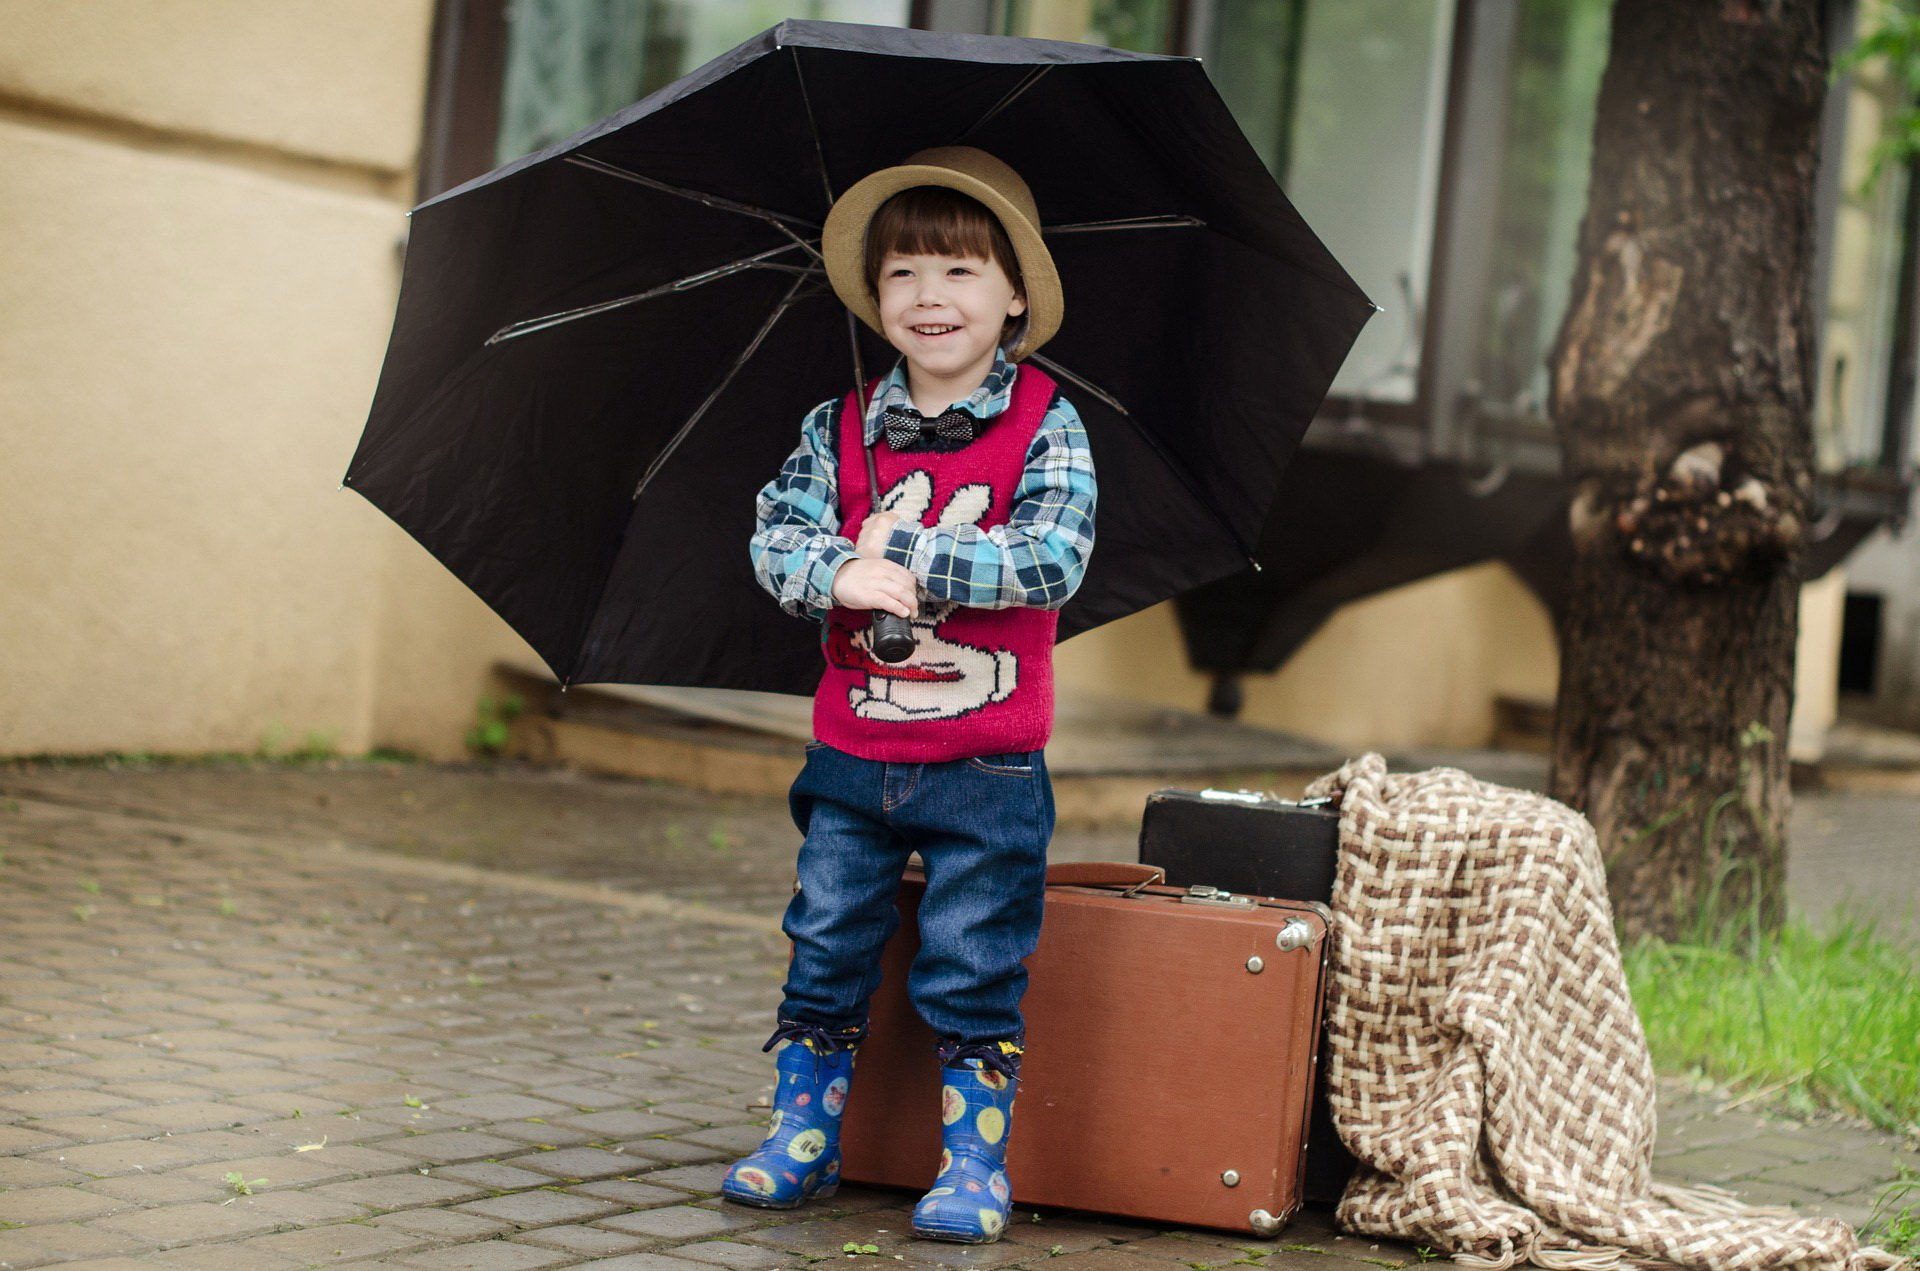 zagadki o pogodzie dla dzieci z odpowiedziami